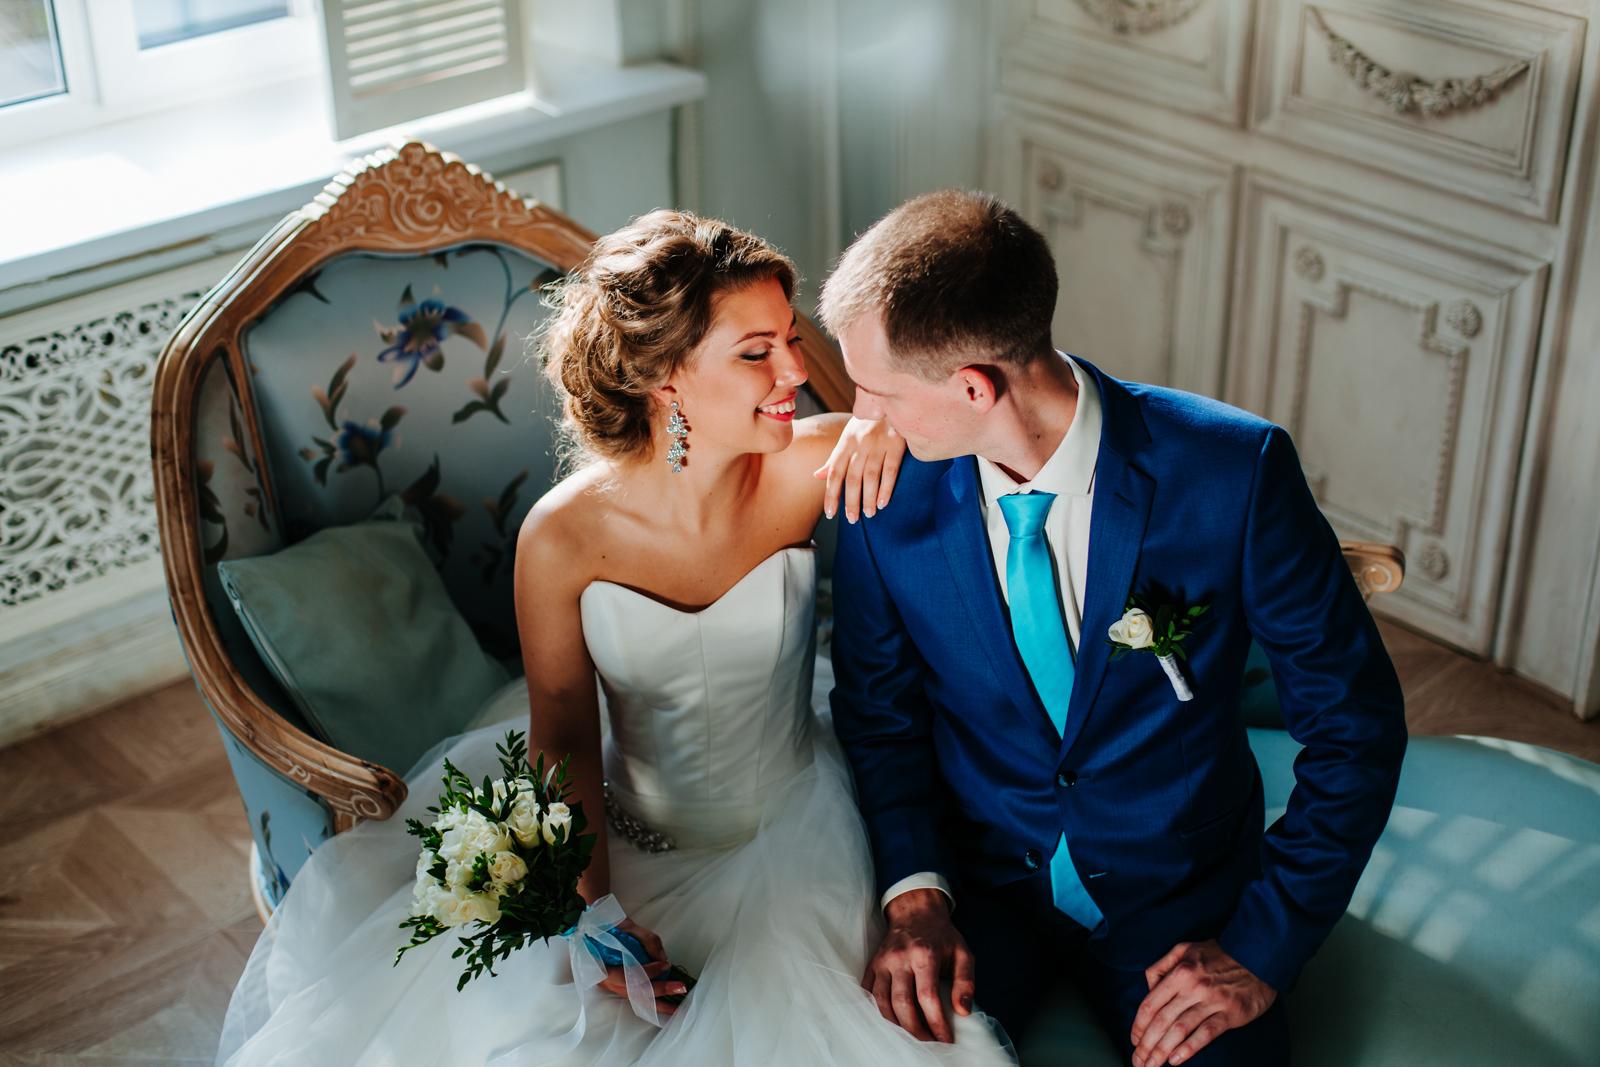 множество вариантов рейтинг свадебных фотографов спб так